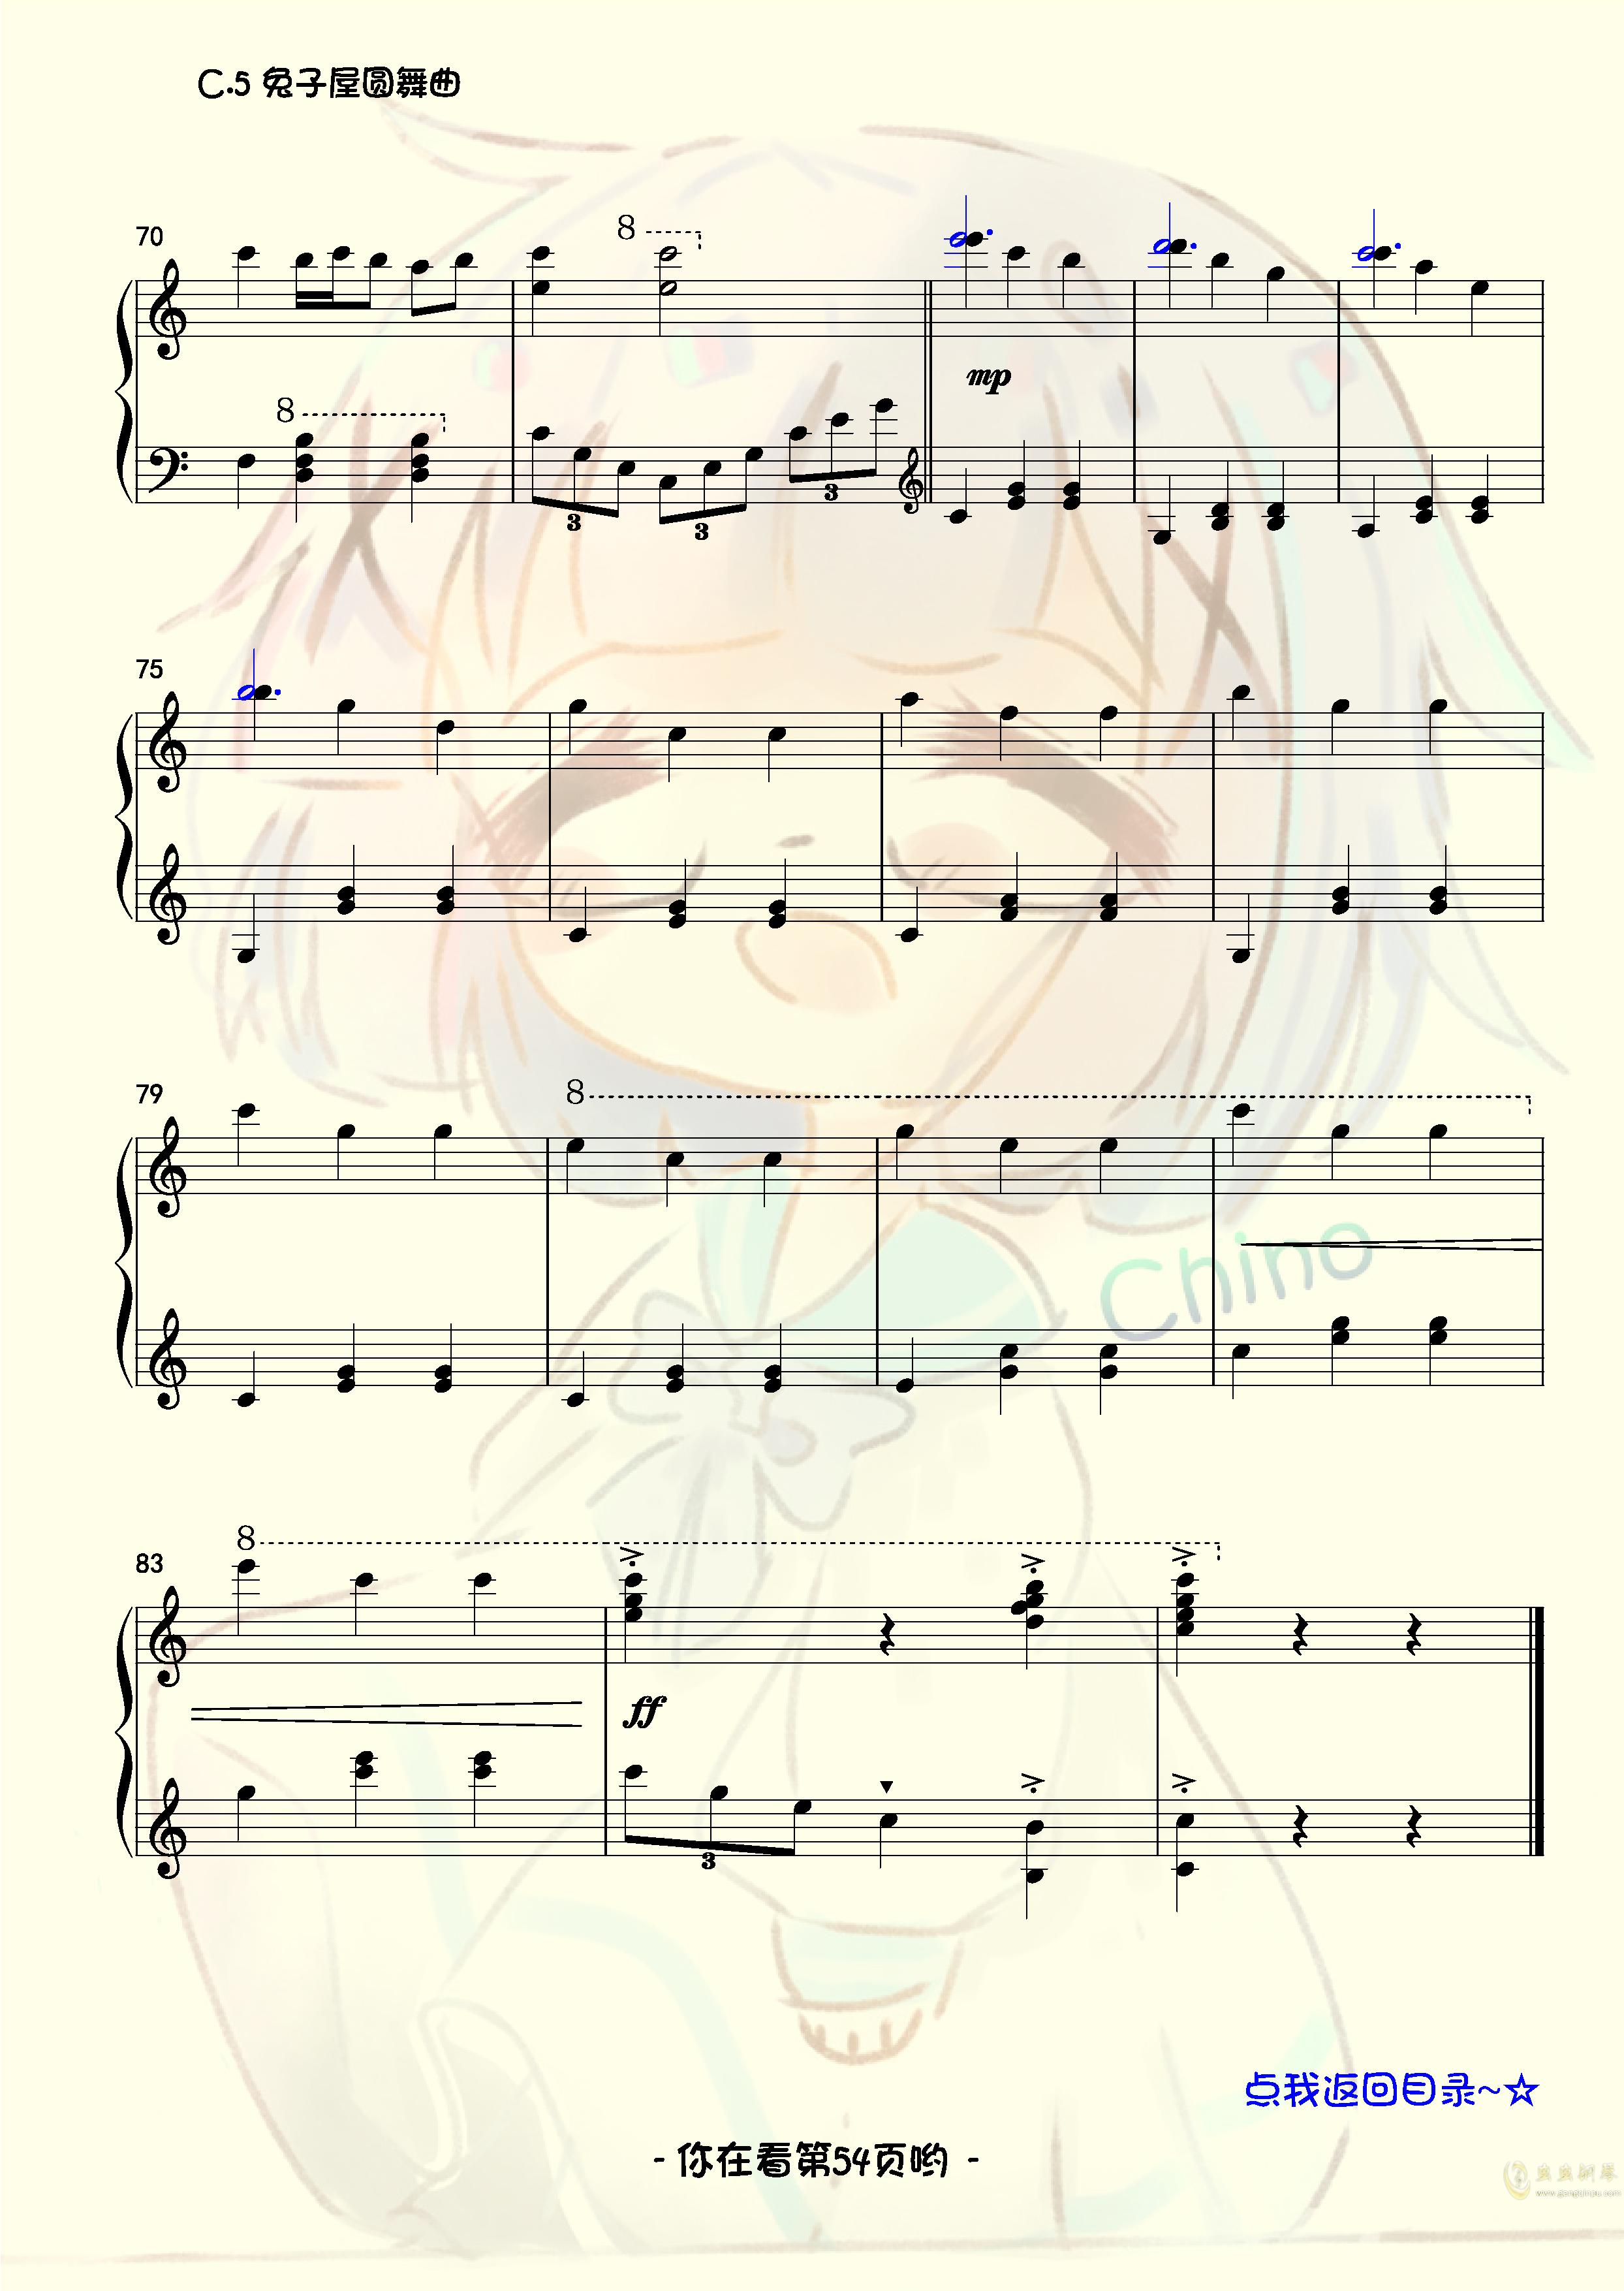 香风奇诺原创音乐作品集钢琴谱 第58页